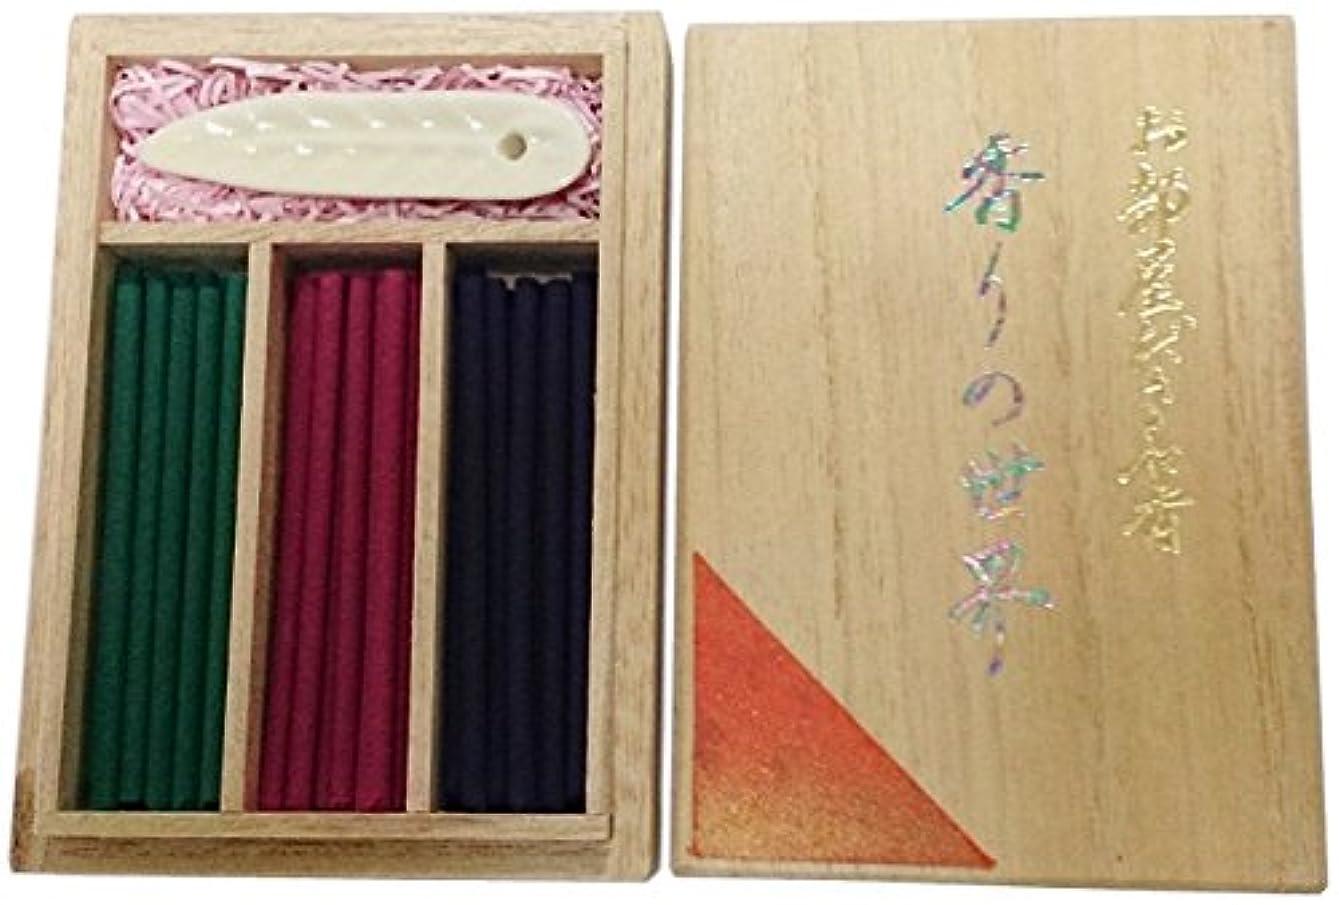 アパートお別れ解釈する淡路梅薫堂のお香 スティック 贈り物 ギフト 香りの世界 桐箱 #651